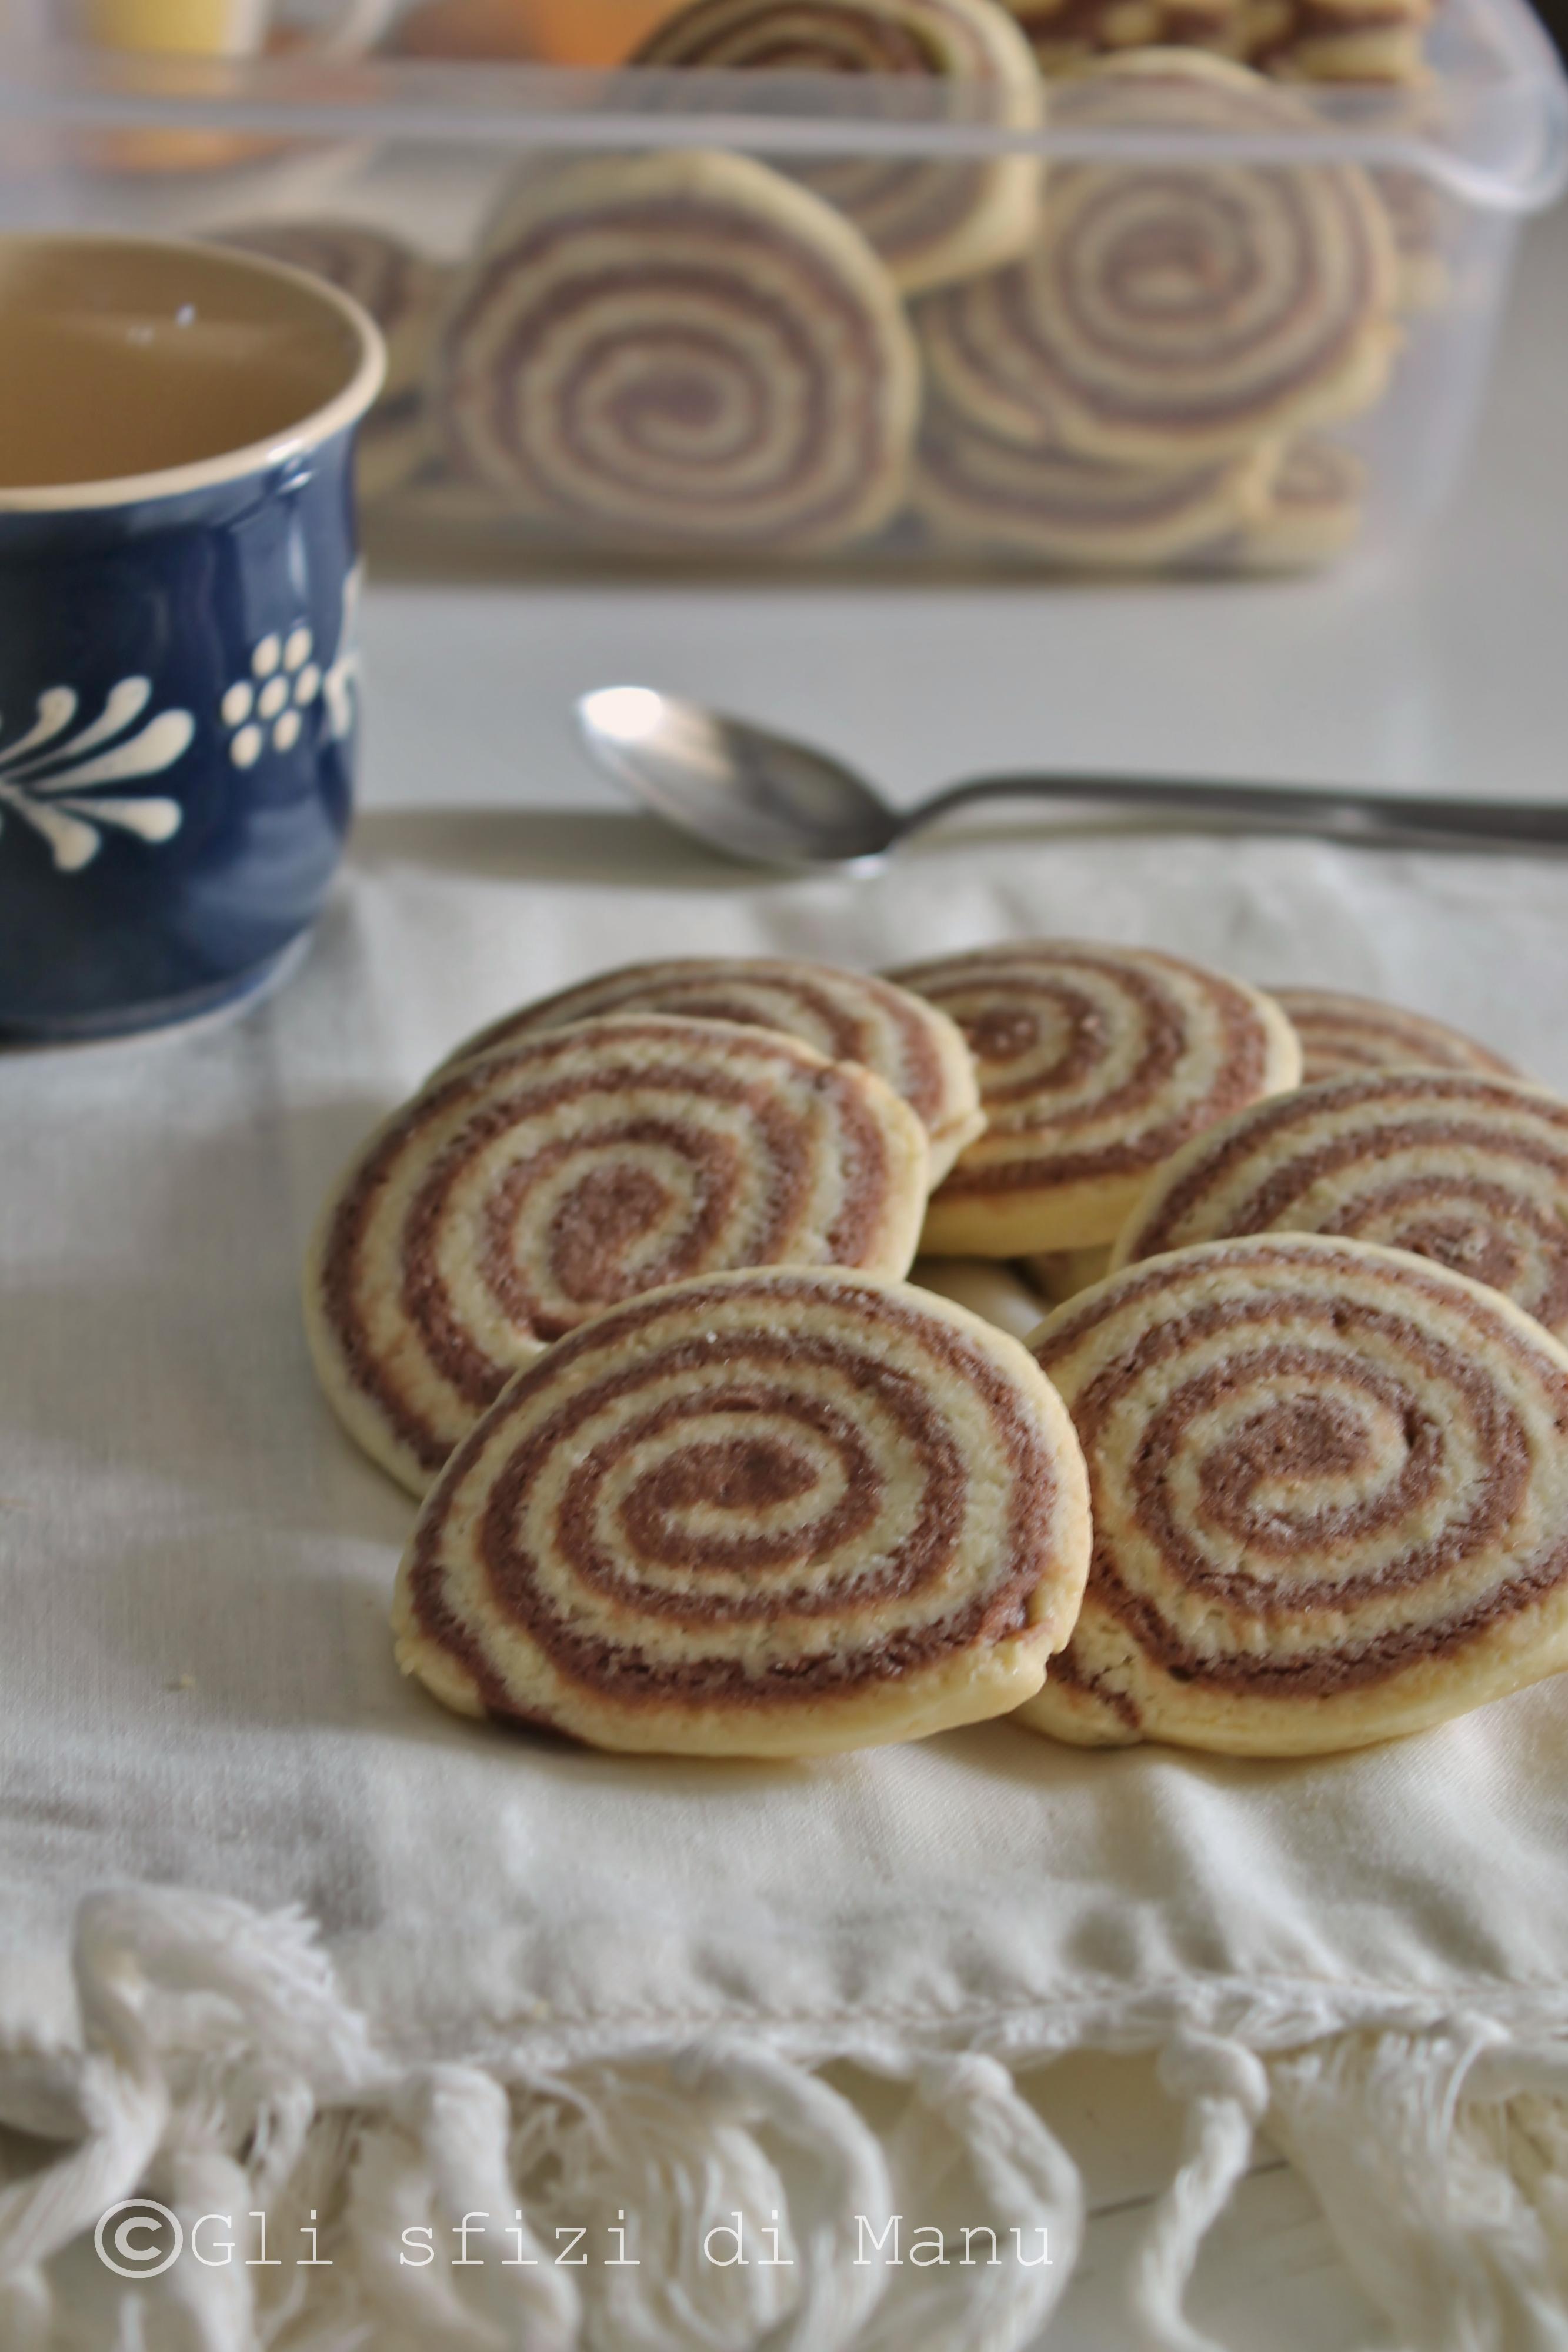 biscotti girandola 2